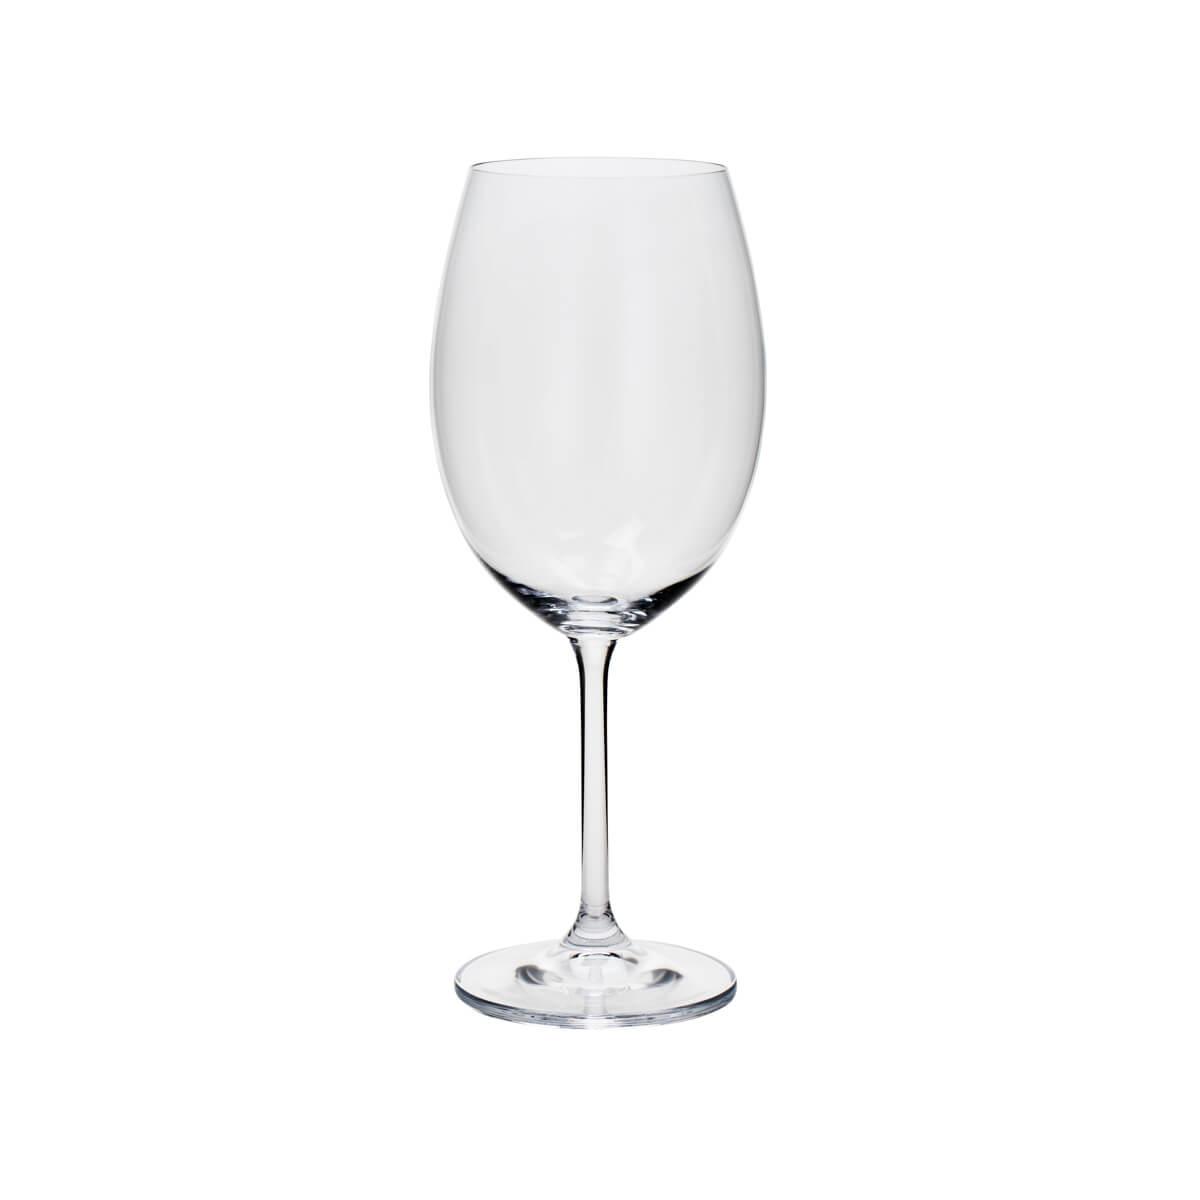 Jogo de 6 Taças para Água em Cristal Ecológico Bohemia Gastro/Colibri 580ml